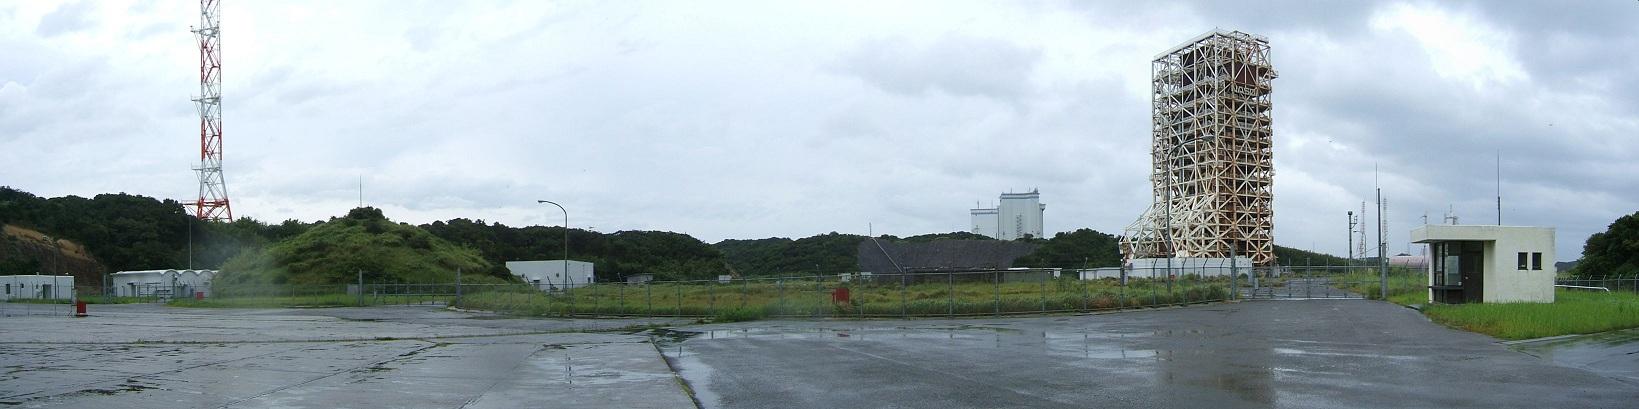 種子島宇宙センター(大崎)_e0089232_2124622.jpg